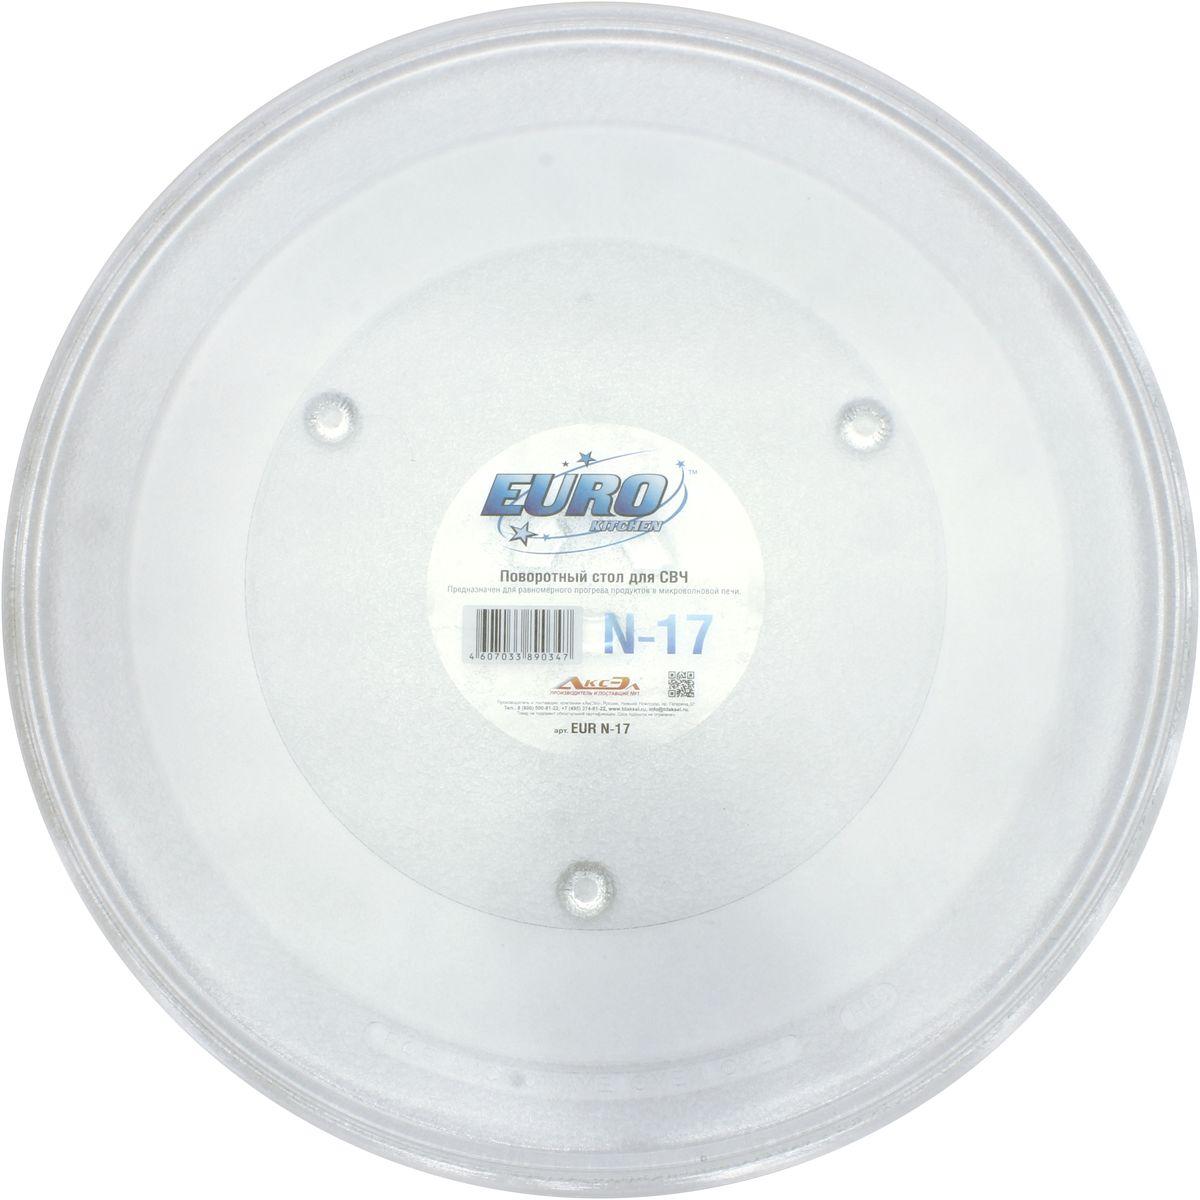 Euro Kitchen N-17 тарелка для СВЧ